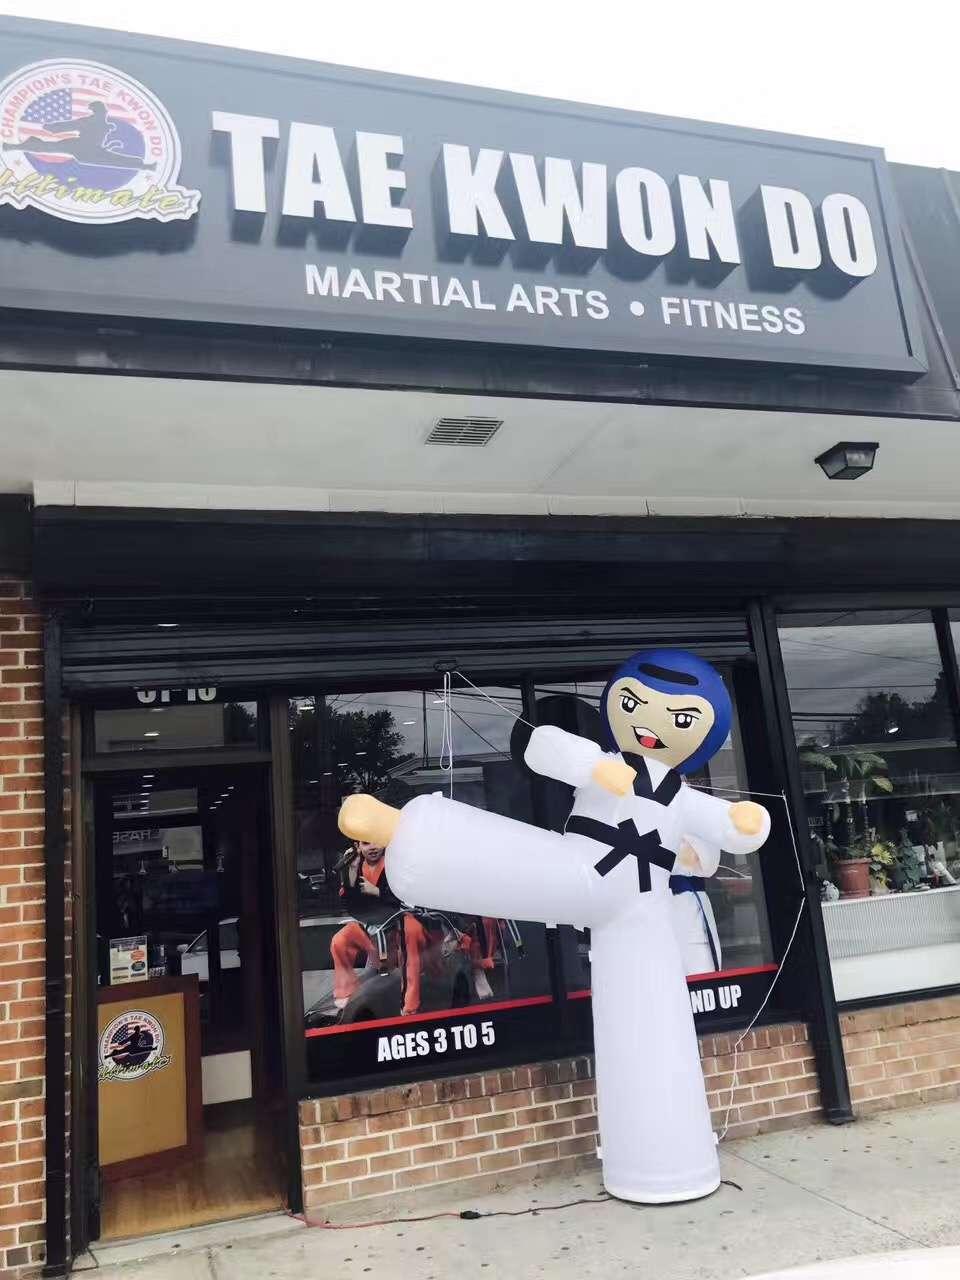 Ultimate Champions Taekwondo Little Neck - health  | Photo 2 of 7 | Address: 56-10 Marathon Pkwy, Little Neck, NY 11362, USA | Phone: (718) 423-5425